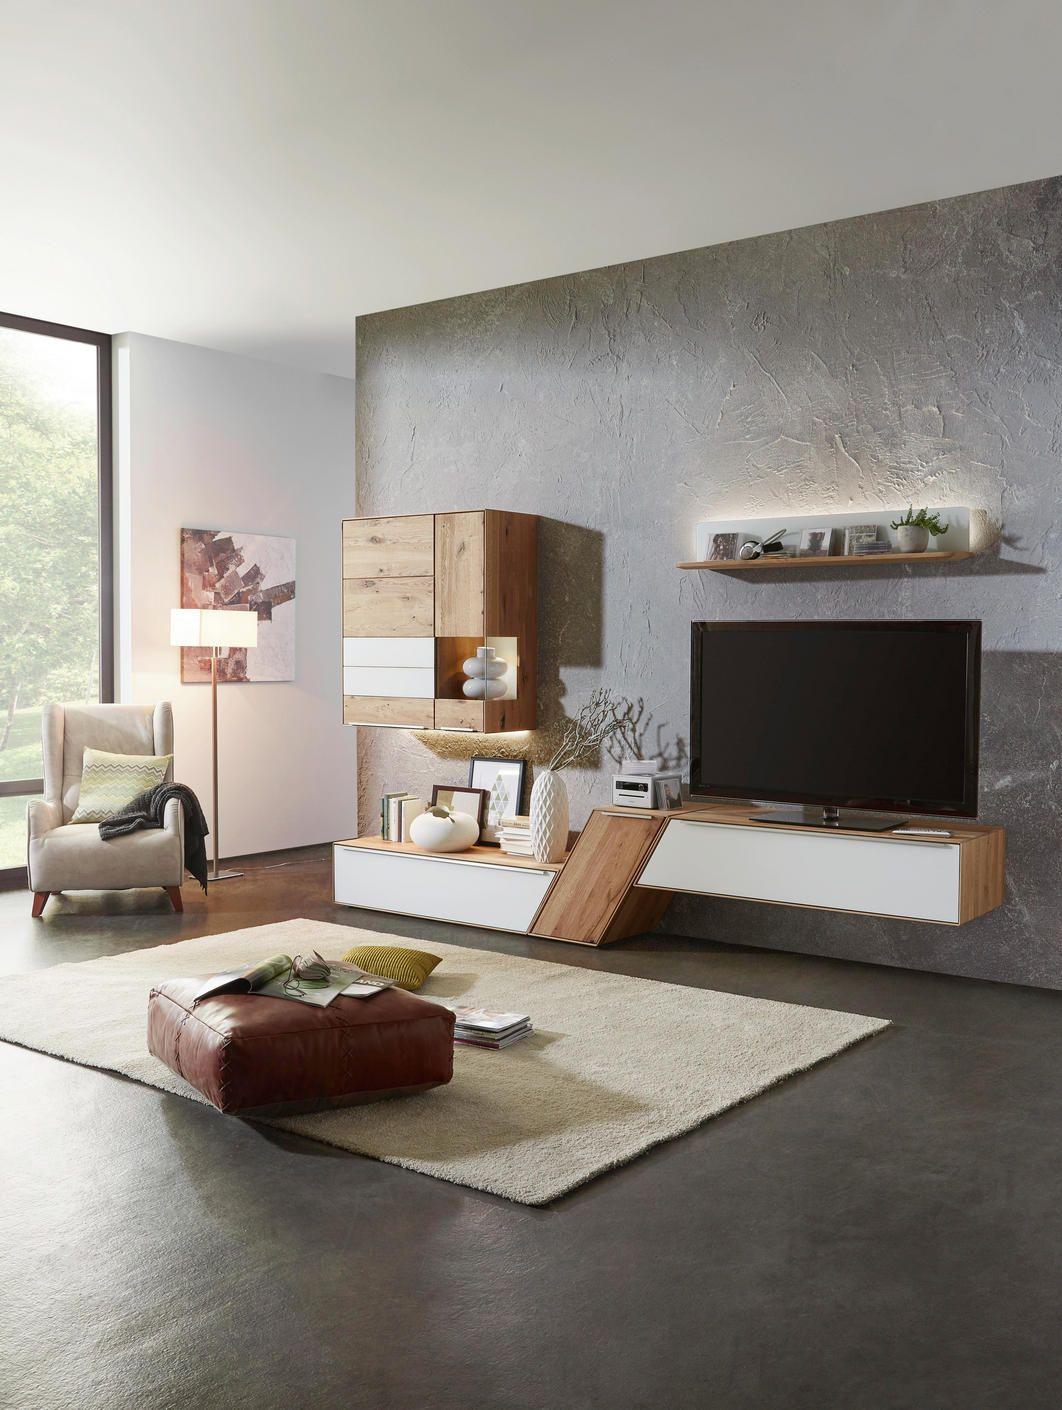 Wohnwand Eichefarben Weiss Massivholz Wohnzimmermobel Wohnen Wohnung Wohnzimmer